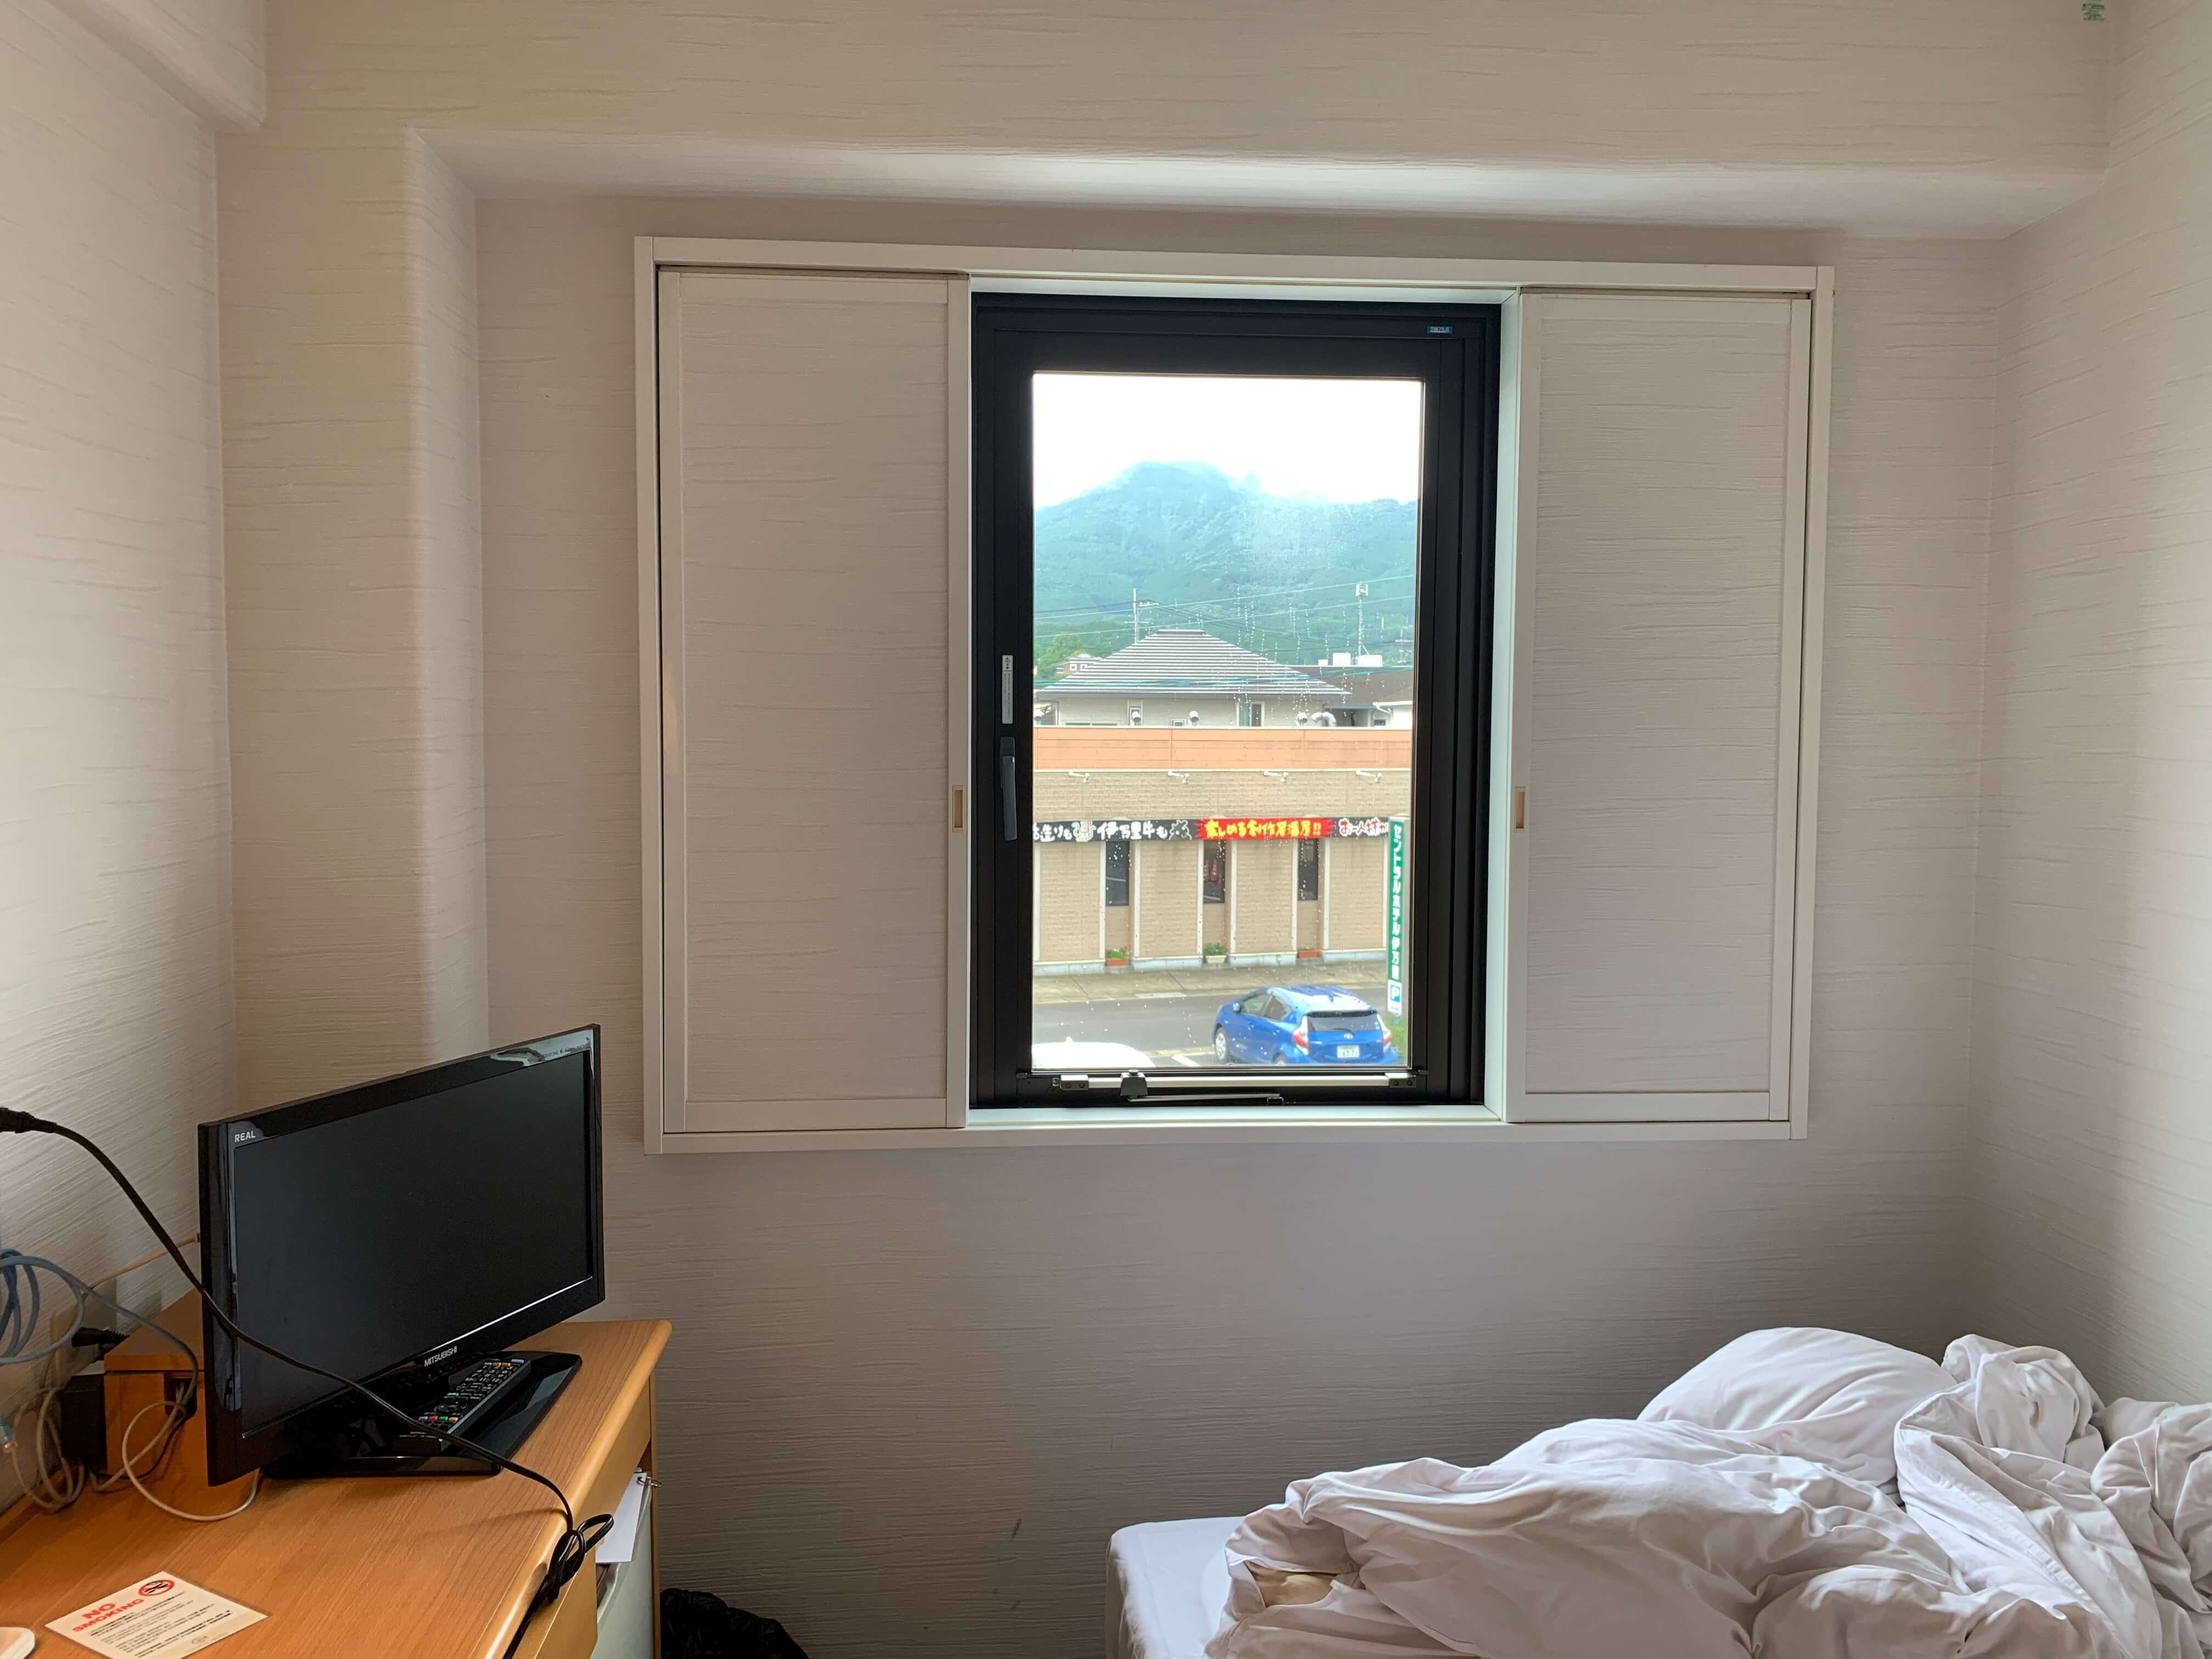 伊万里自動車学校・免許合宿プランの部屋の全体像【セントラルホテル伊万里】